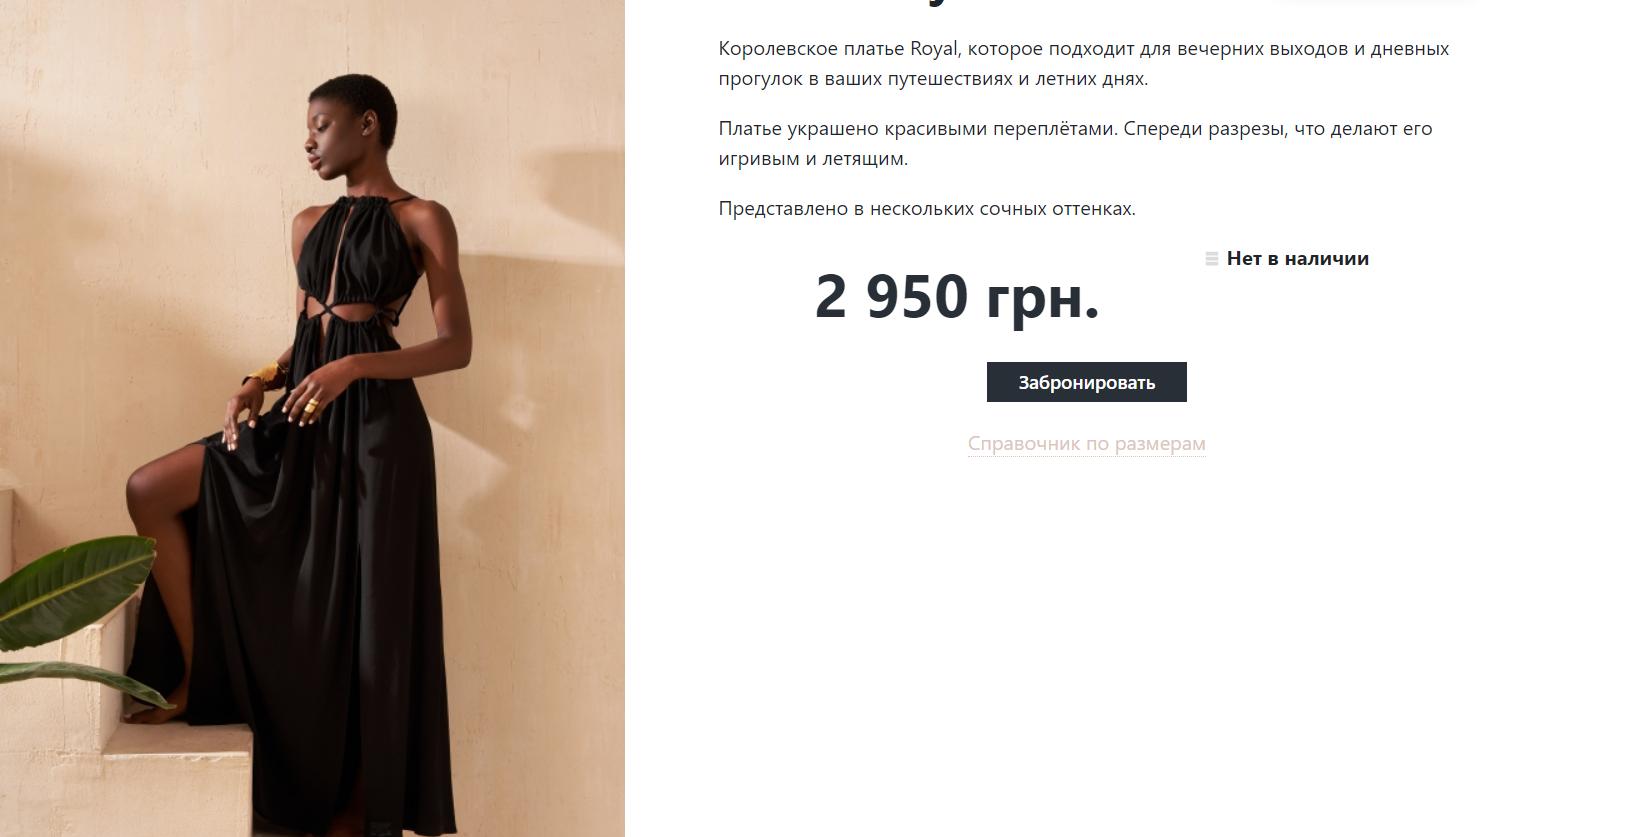 Сукня за 2950 гривень